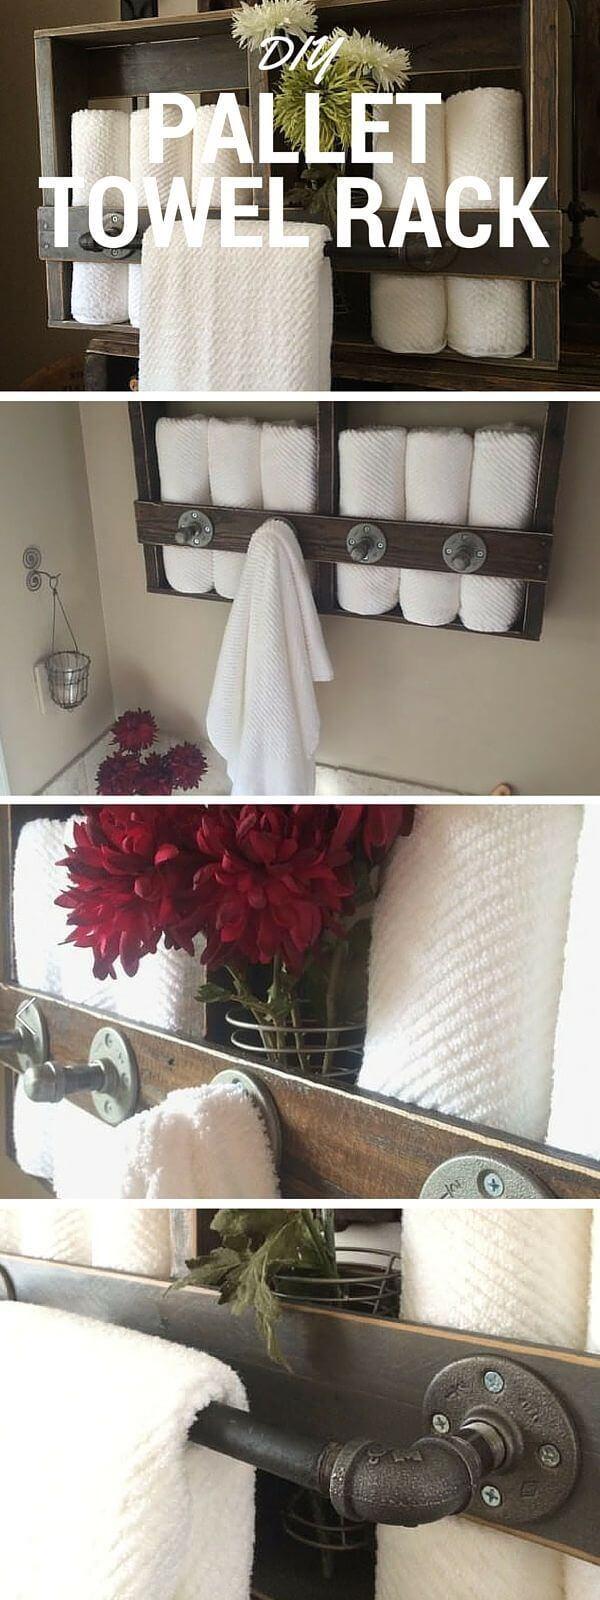 Porte-serviettes de palette rustique réutilisé